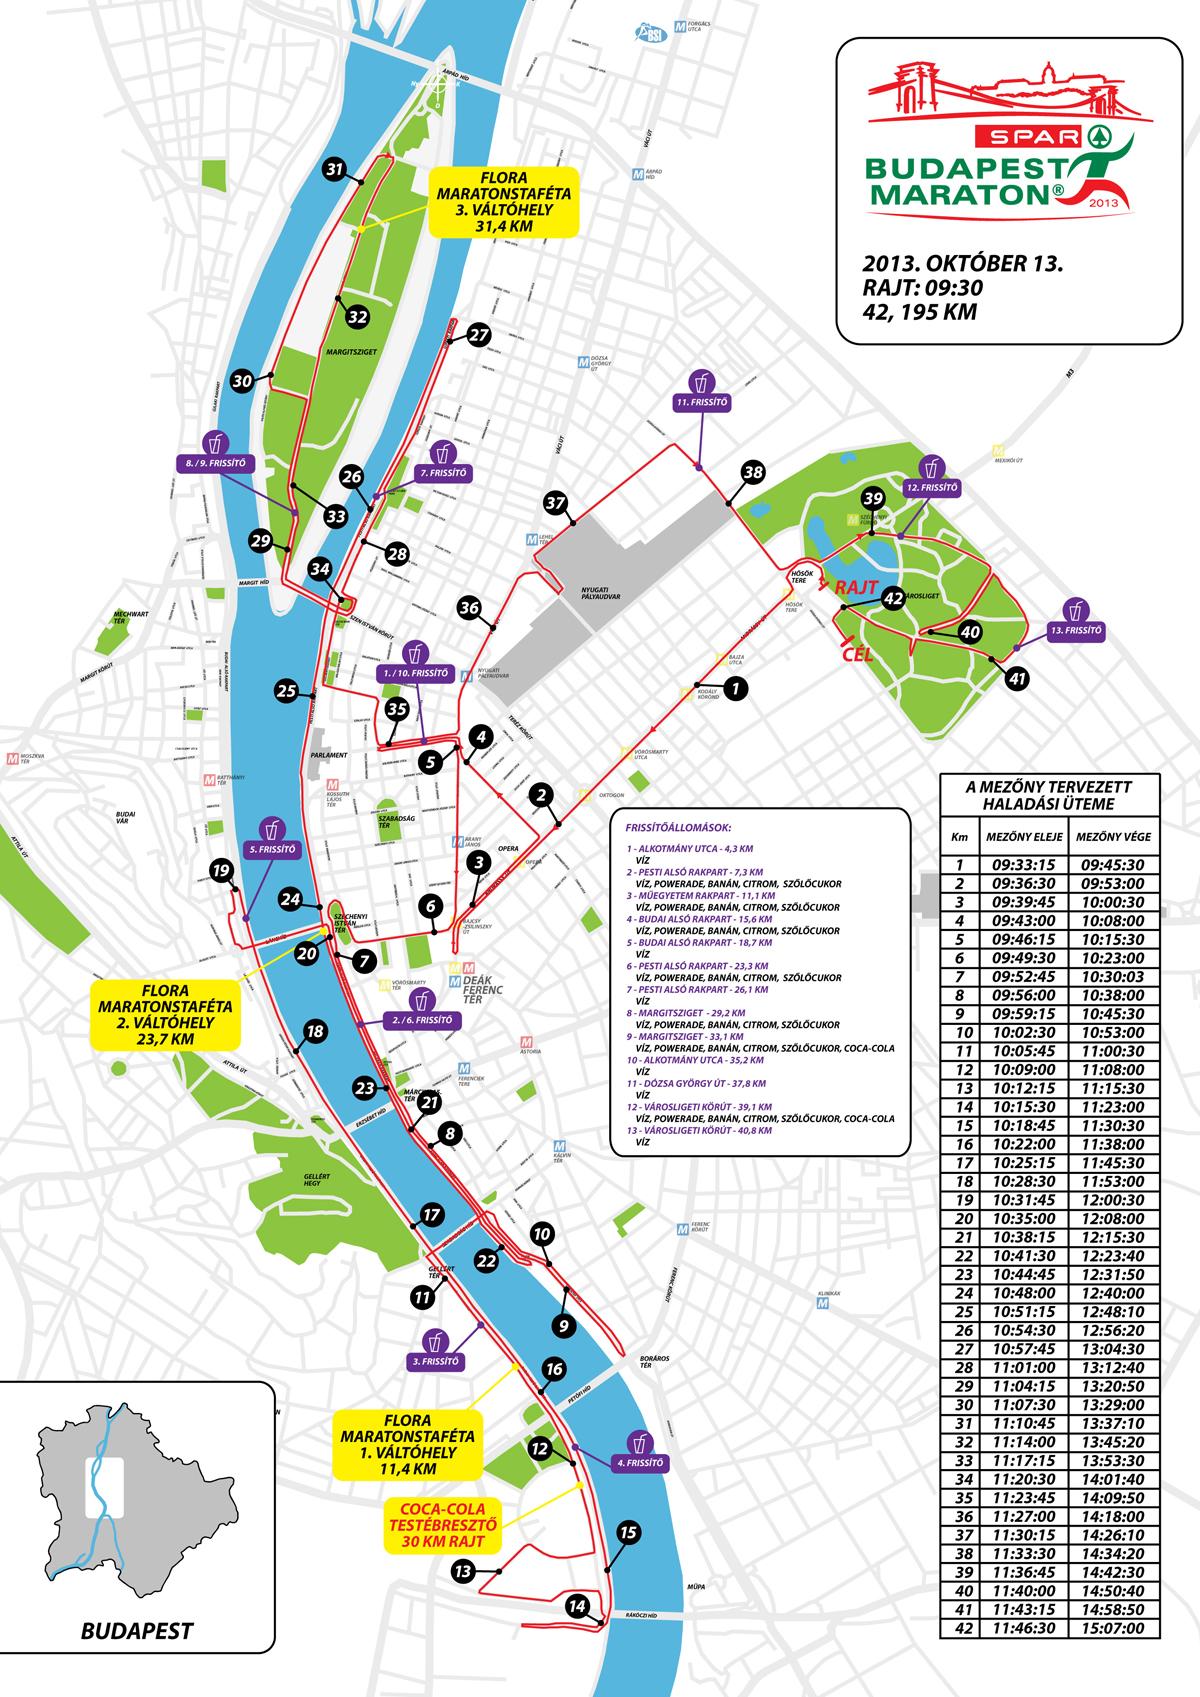 útvonal térkép budapest 28. Spar Budapest Maraton 2013 Térképek   Futanet.hu útvonal térkép budapest